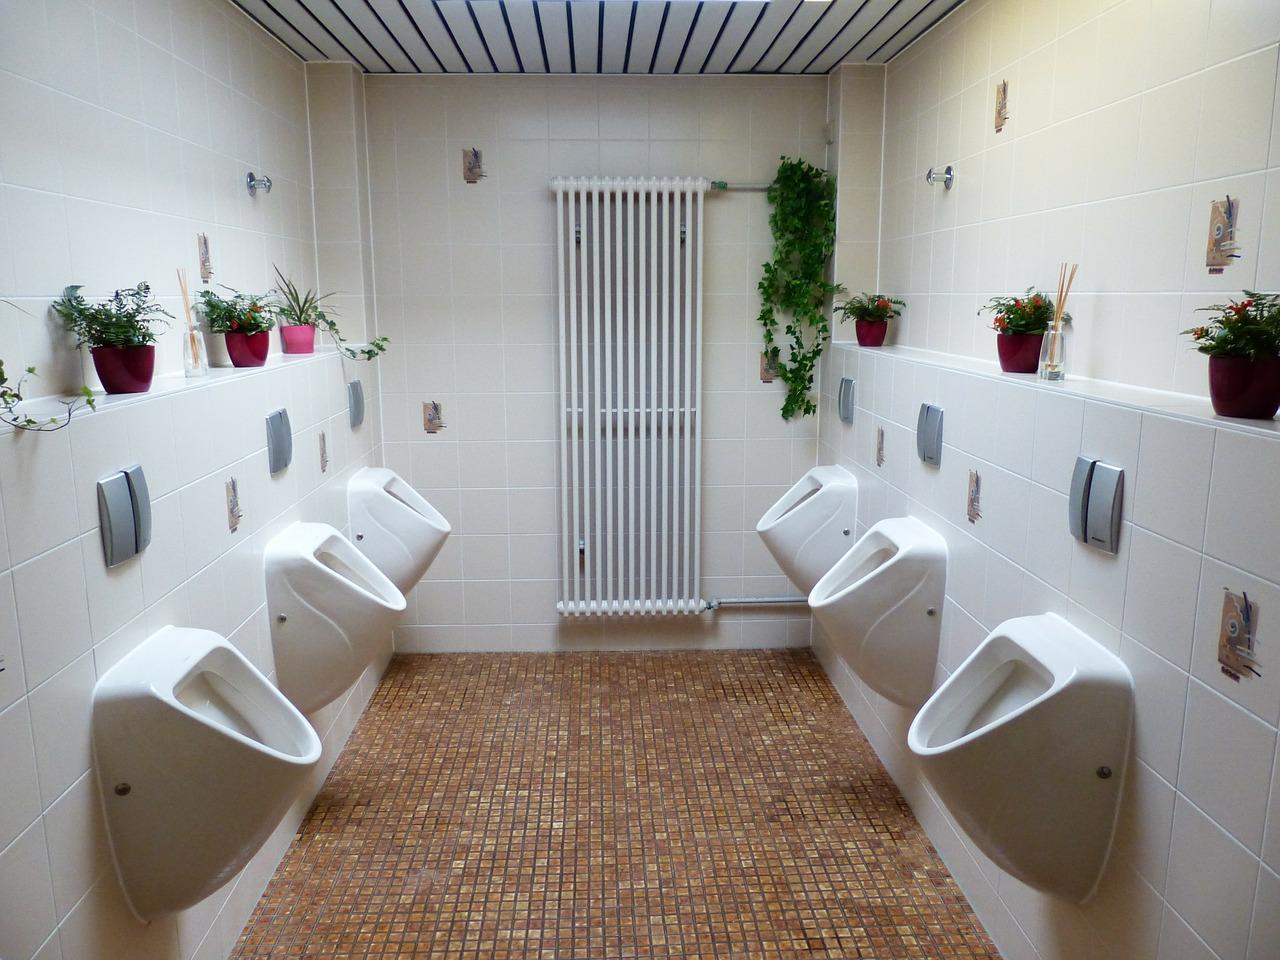 Repenser les toilettes publiques